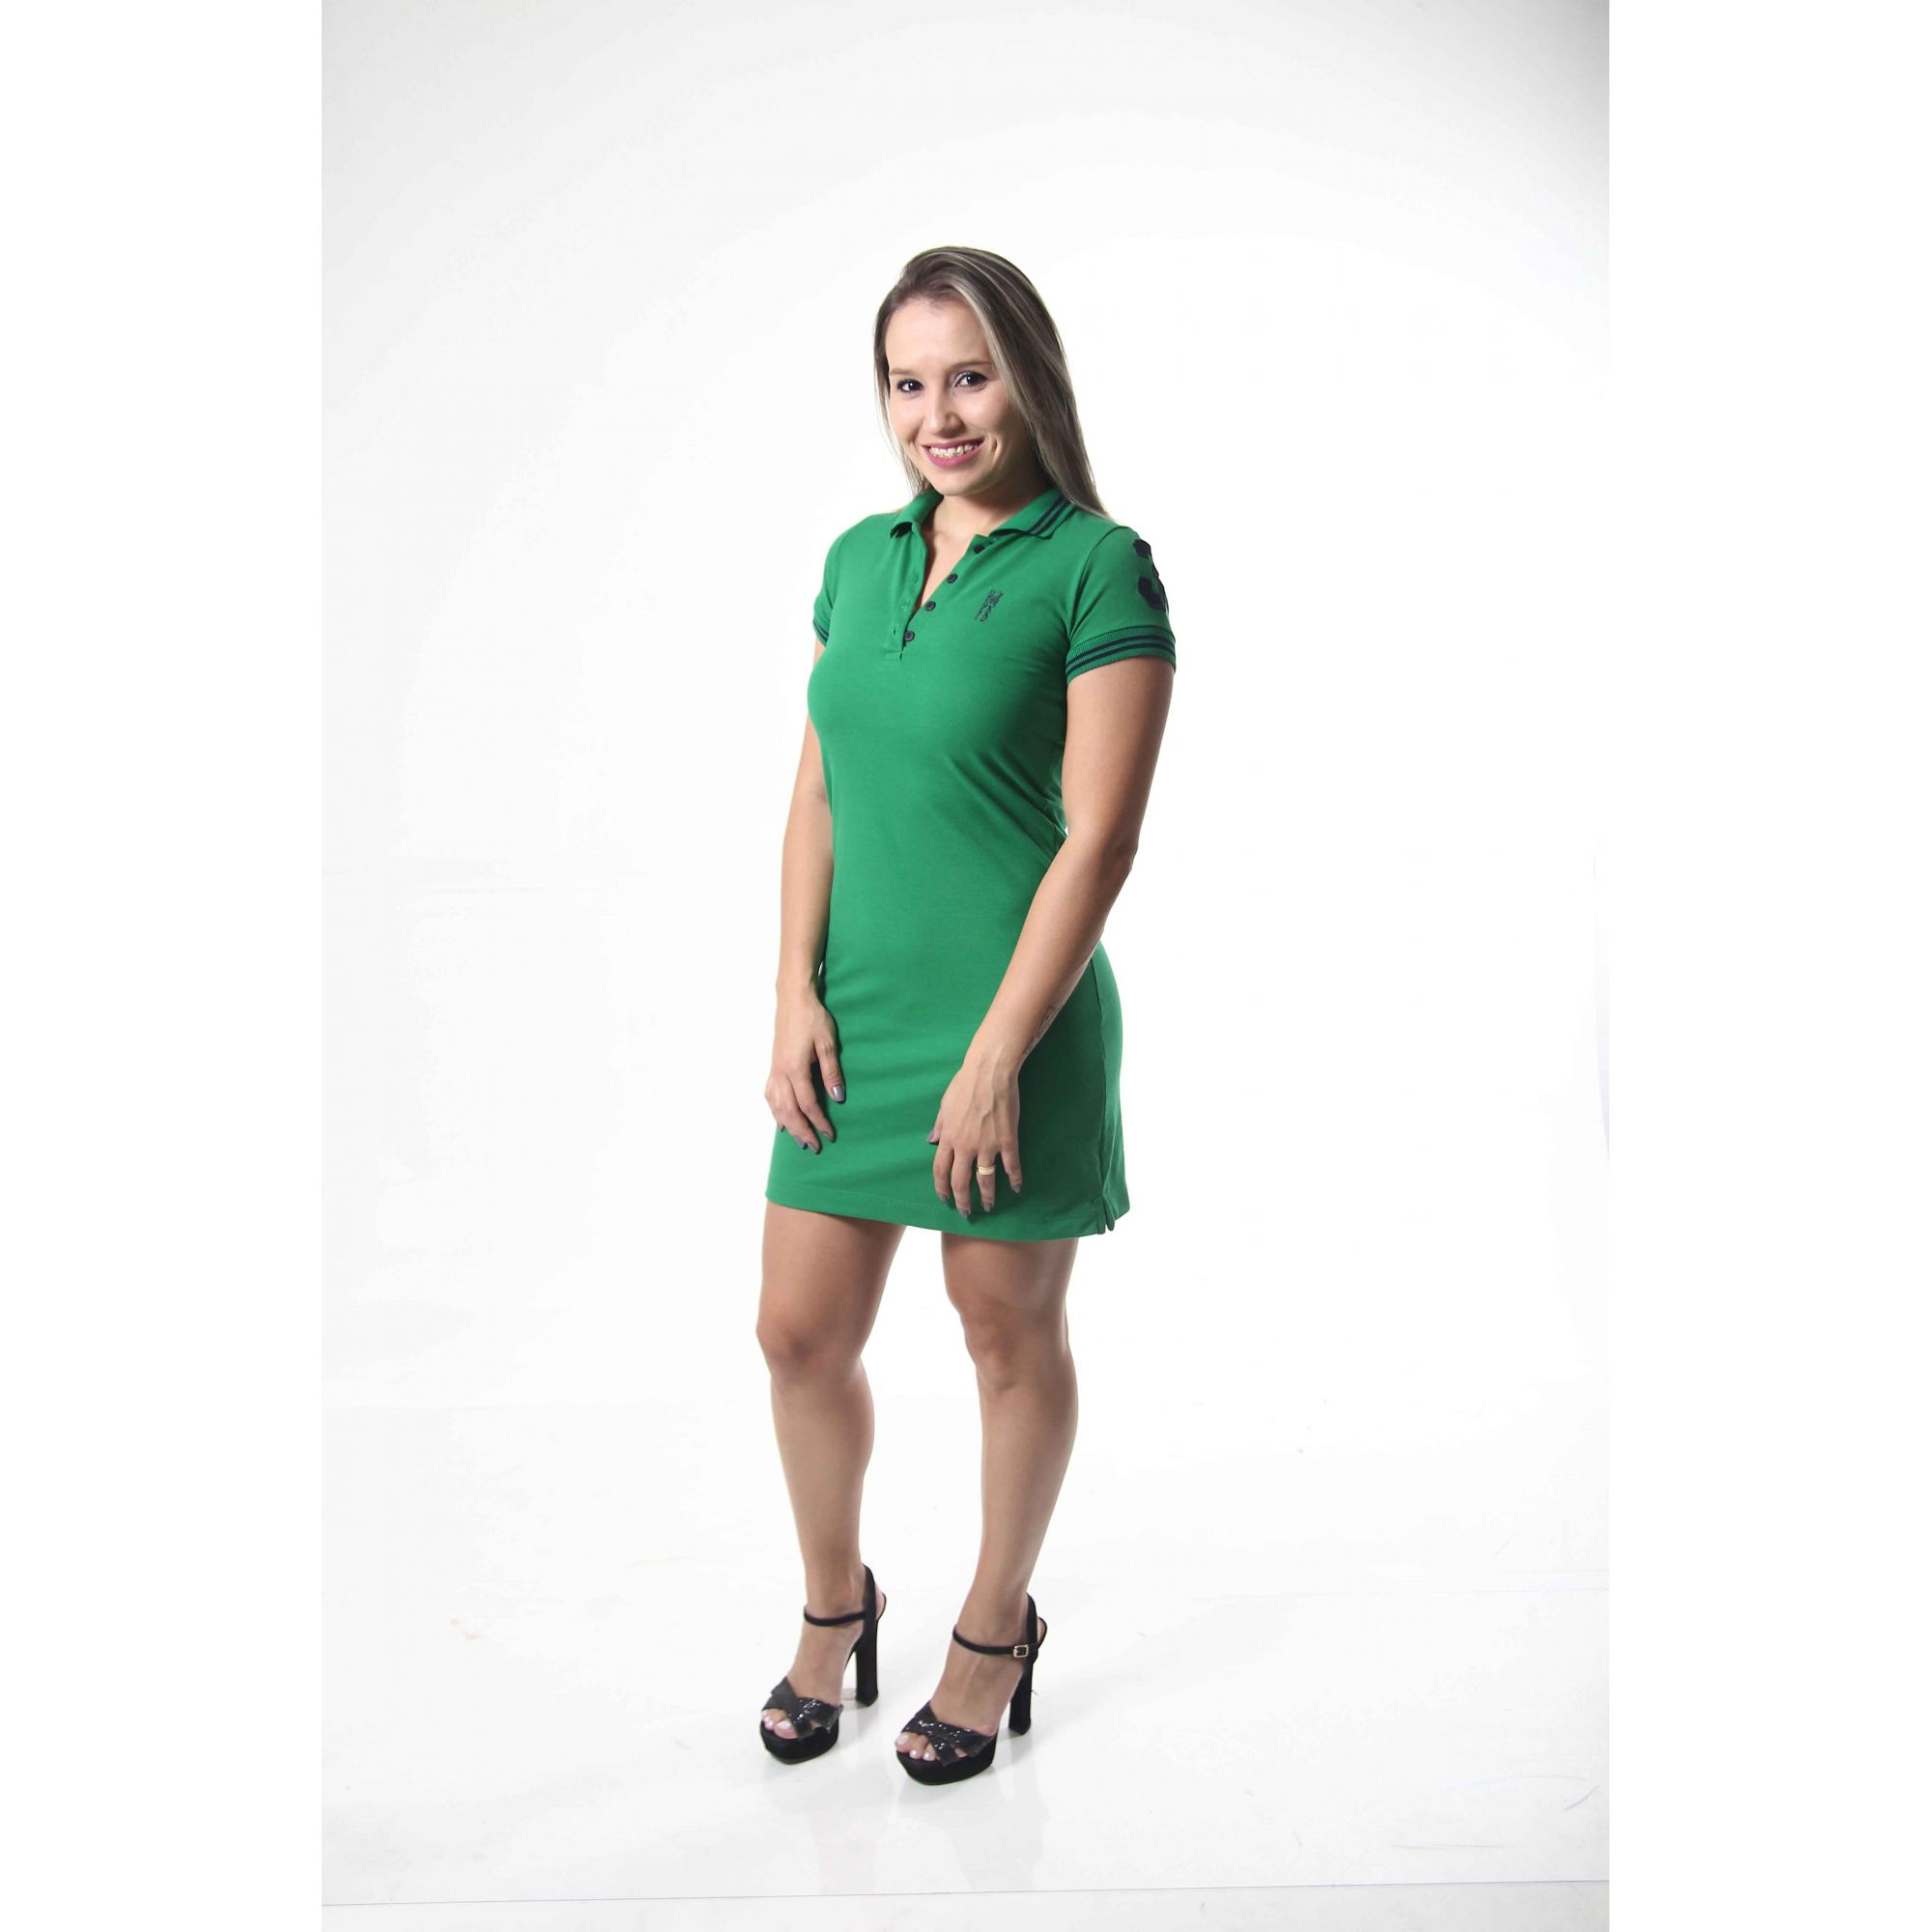 MÃE E FILHO > Kit 02 peças Vestido e Camisa ou Body Polo Verde Esperança [Coleção Tal Mãe Tal Filho]  - Heitor Fashion Brazil